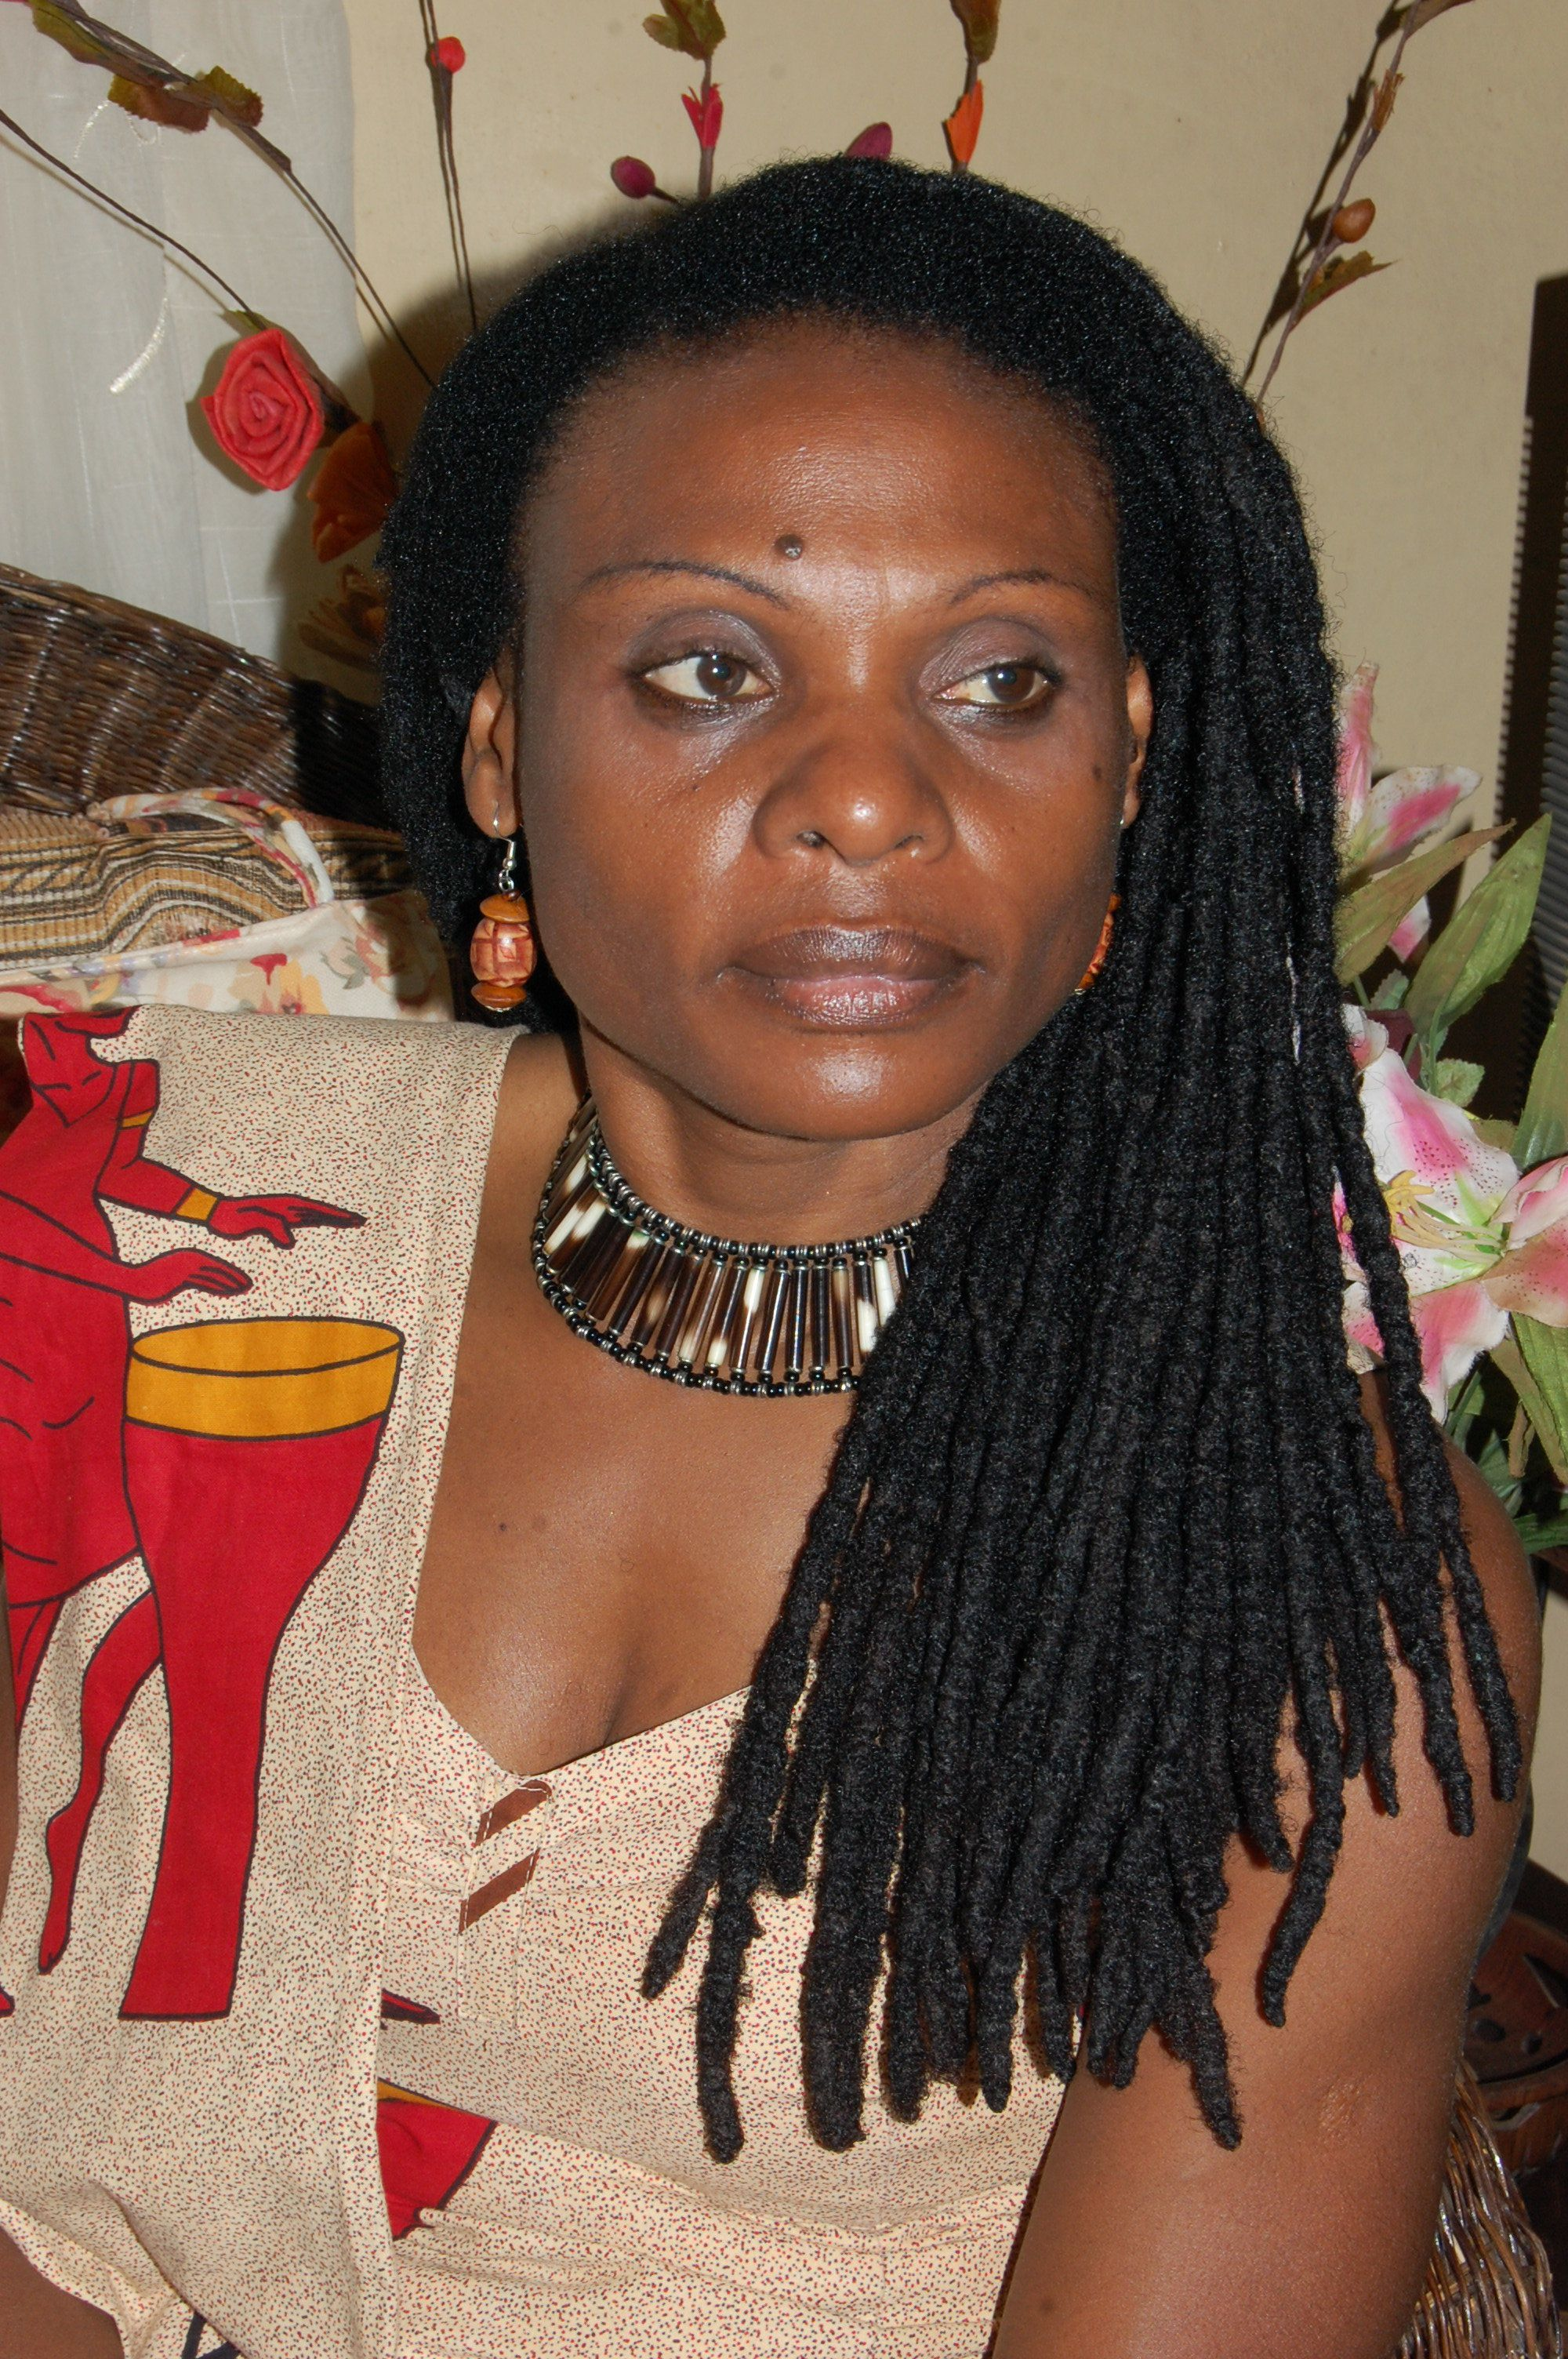 Mit 14 vergewaltigt, aufgewachsen mit Behinderung:Wie Musola heute Frauen in ganz Afrika